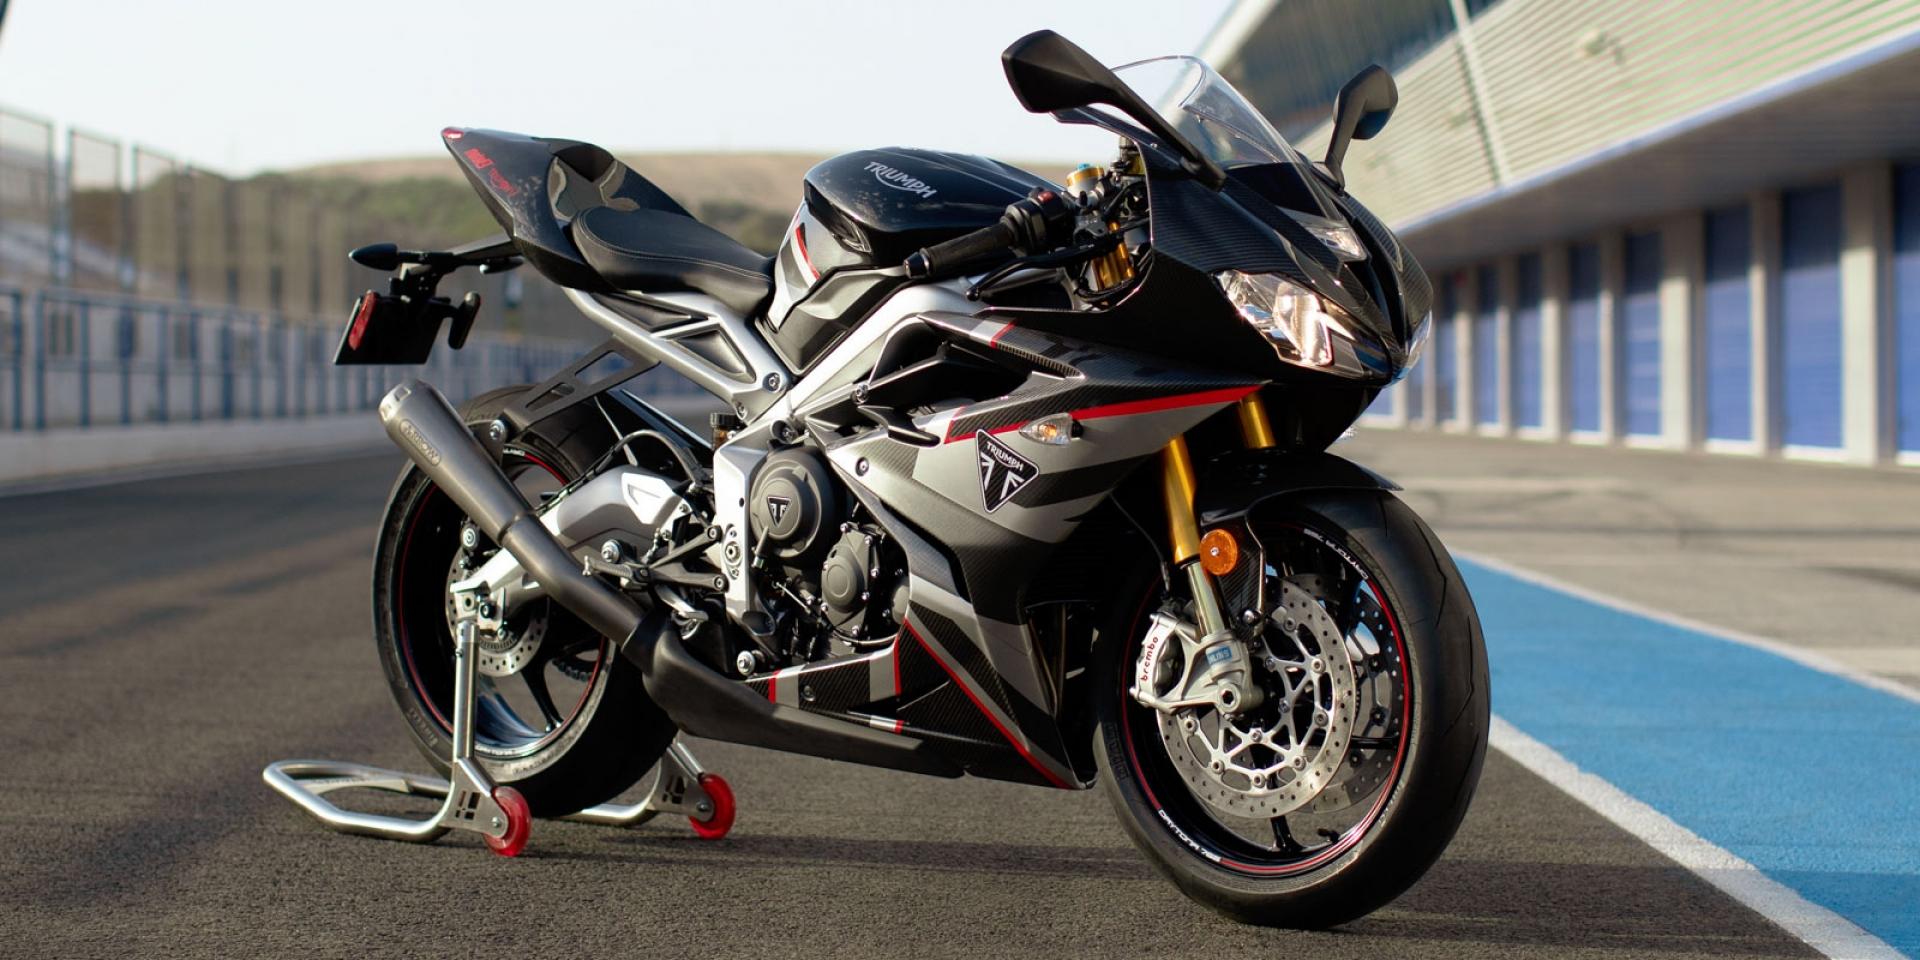 台灣凱旋總代理 安東貿易客訂導入Daytona Moto2 765 Limited Edition,Street Triple R預購活動享53.8萬 贈精品